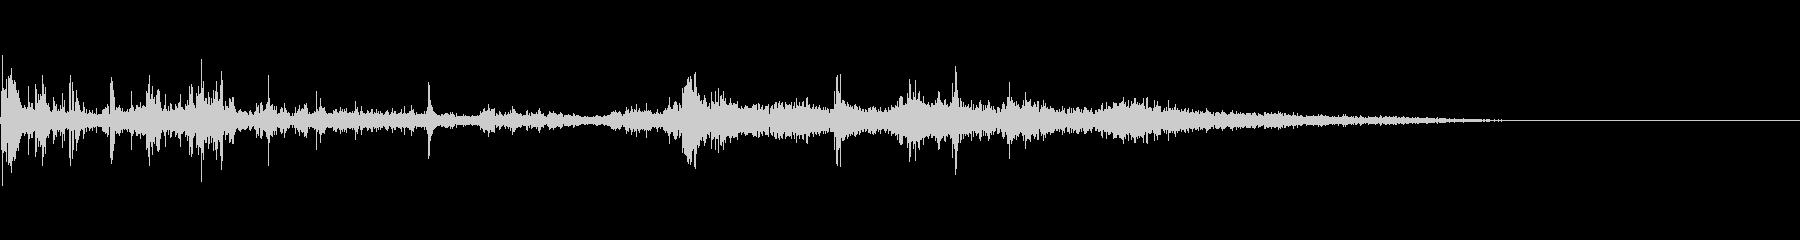 カミナリ(遠雷)-33の未再生の波形